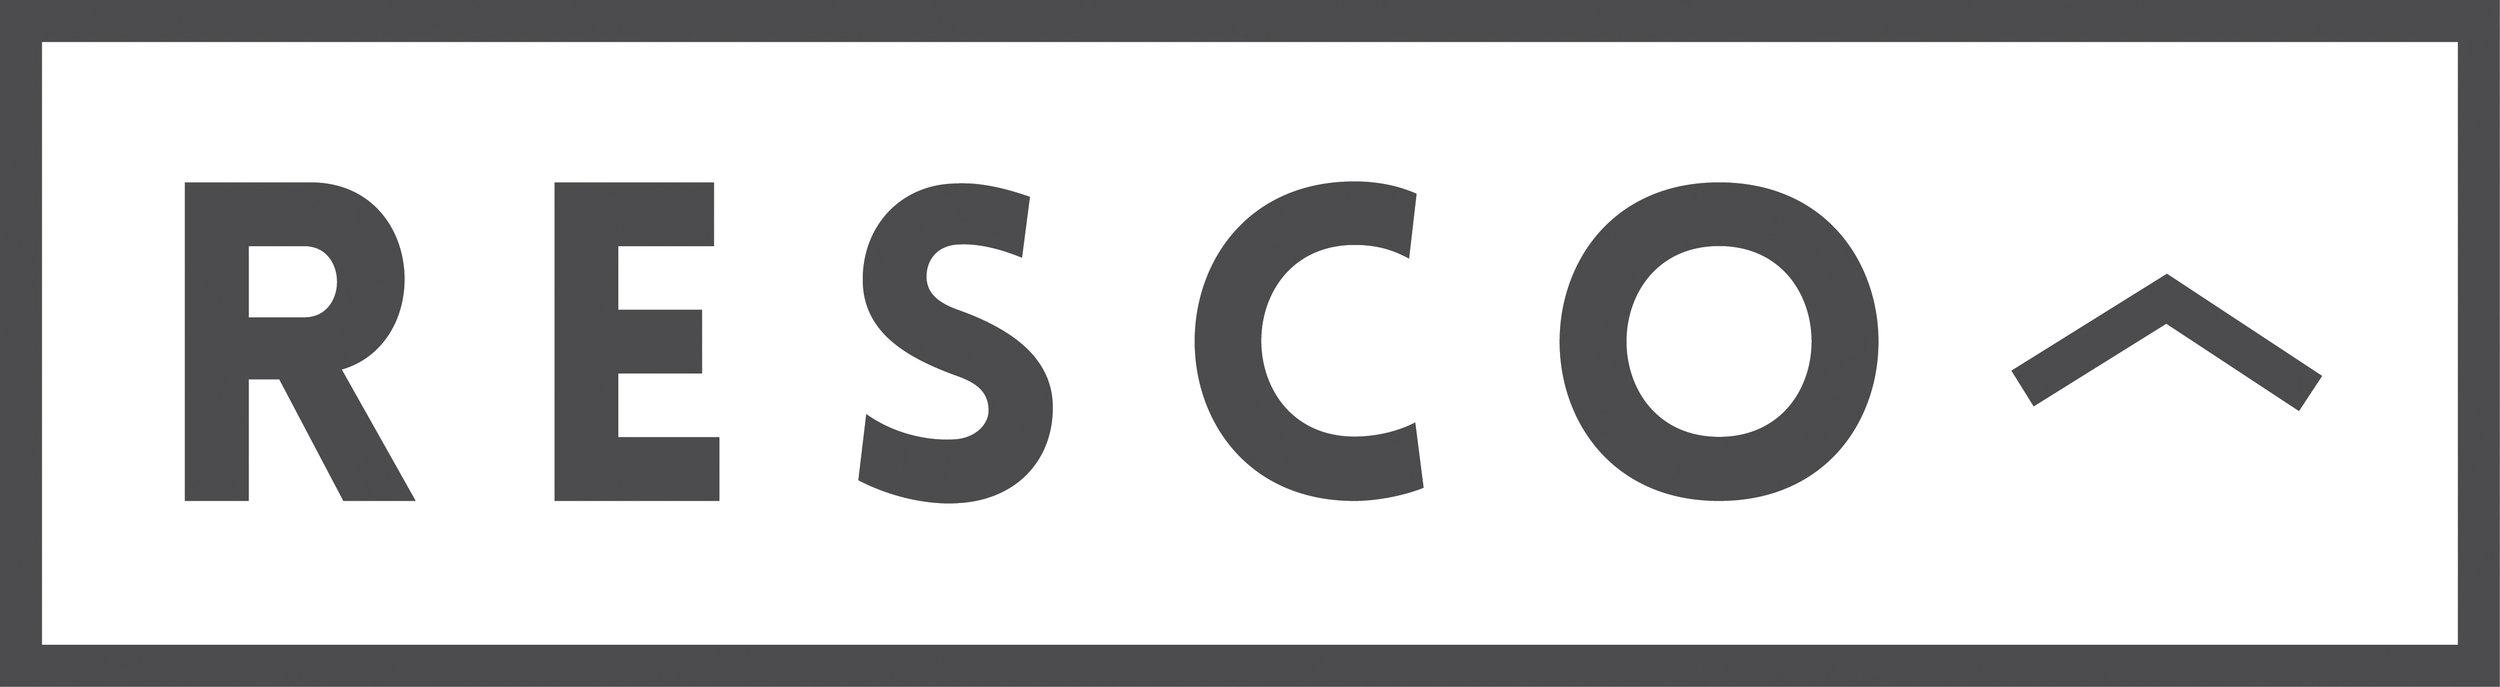 SDG-8---Resco-logo-grey.jpg